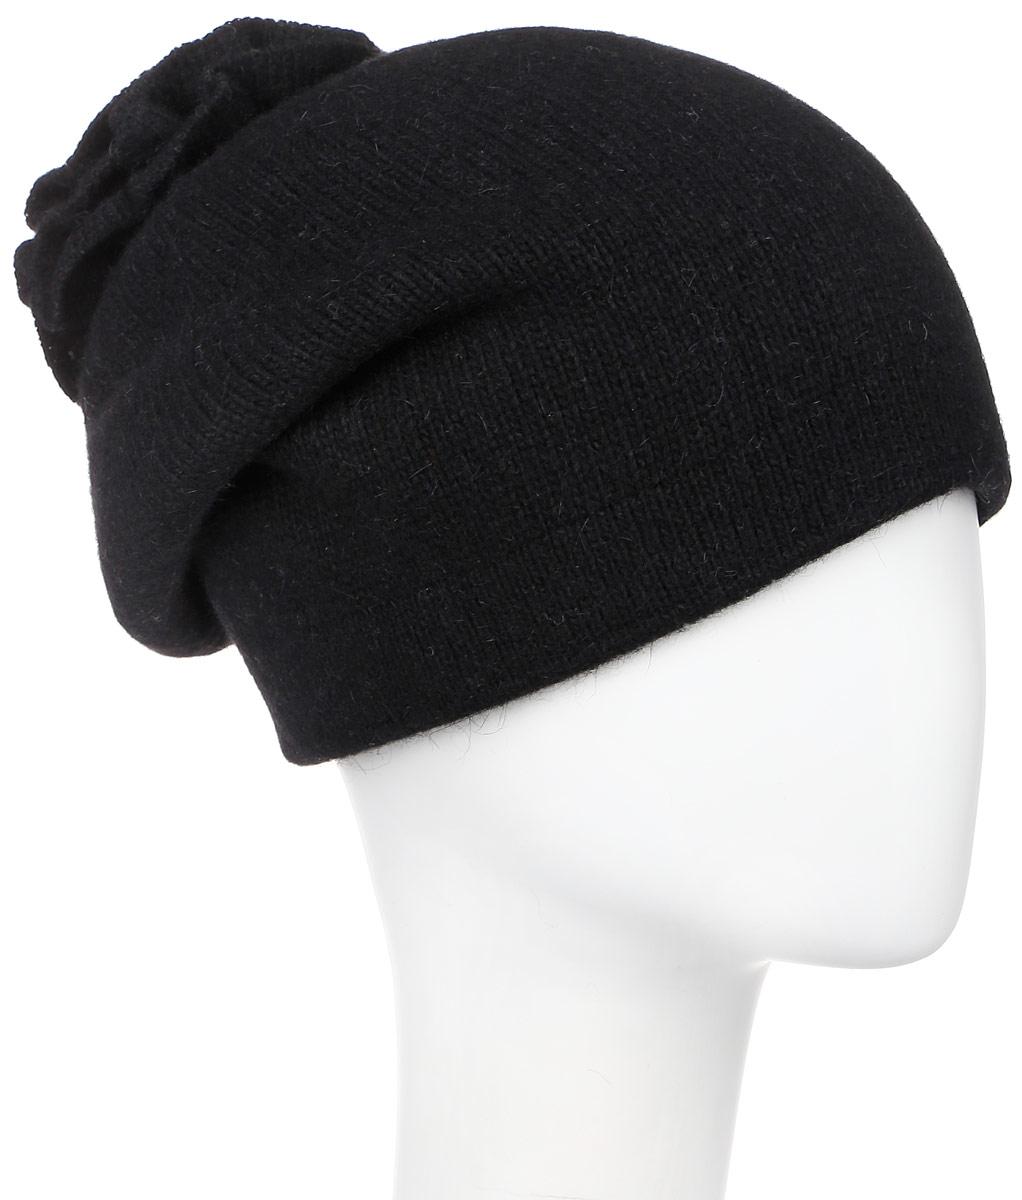 261881L-47Теплая женская шапка Vittorio Richi отлично дополнит ваш образ в холодную погоду. Сочетание шерсти, ангоры и полиамида сохраняет тепло и обеспечивает удобную посадку, невероятную легкость и мягкость. Удлиненная шапка выполнена плотной вязкой и дополнена на макушке оригинальным вязанным цветком. Модель составит идеальный комплект с модной верхней одеждой, в ней вам будет уютно и тепло. Уважаемые клиенты! Размер, доступный для заказа, является обхватом головы.